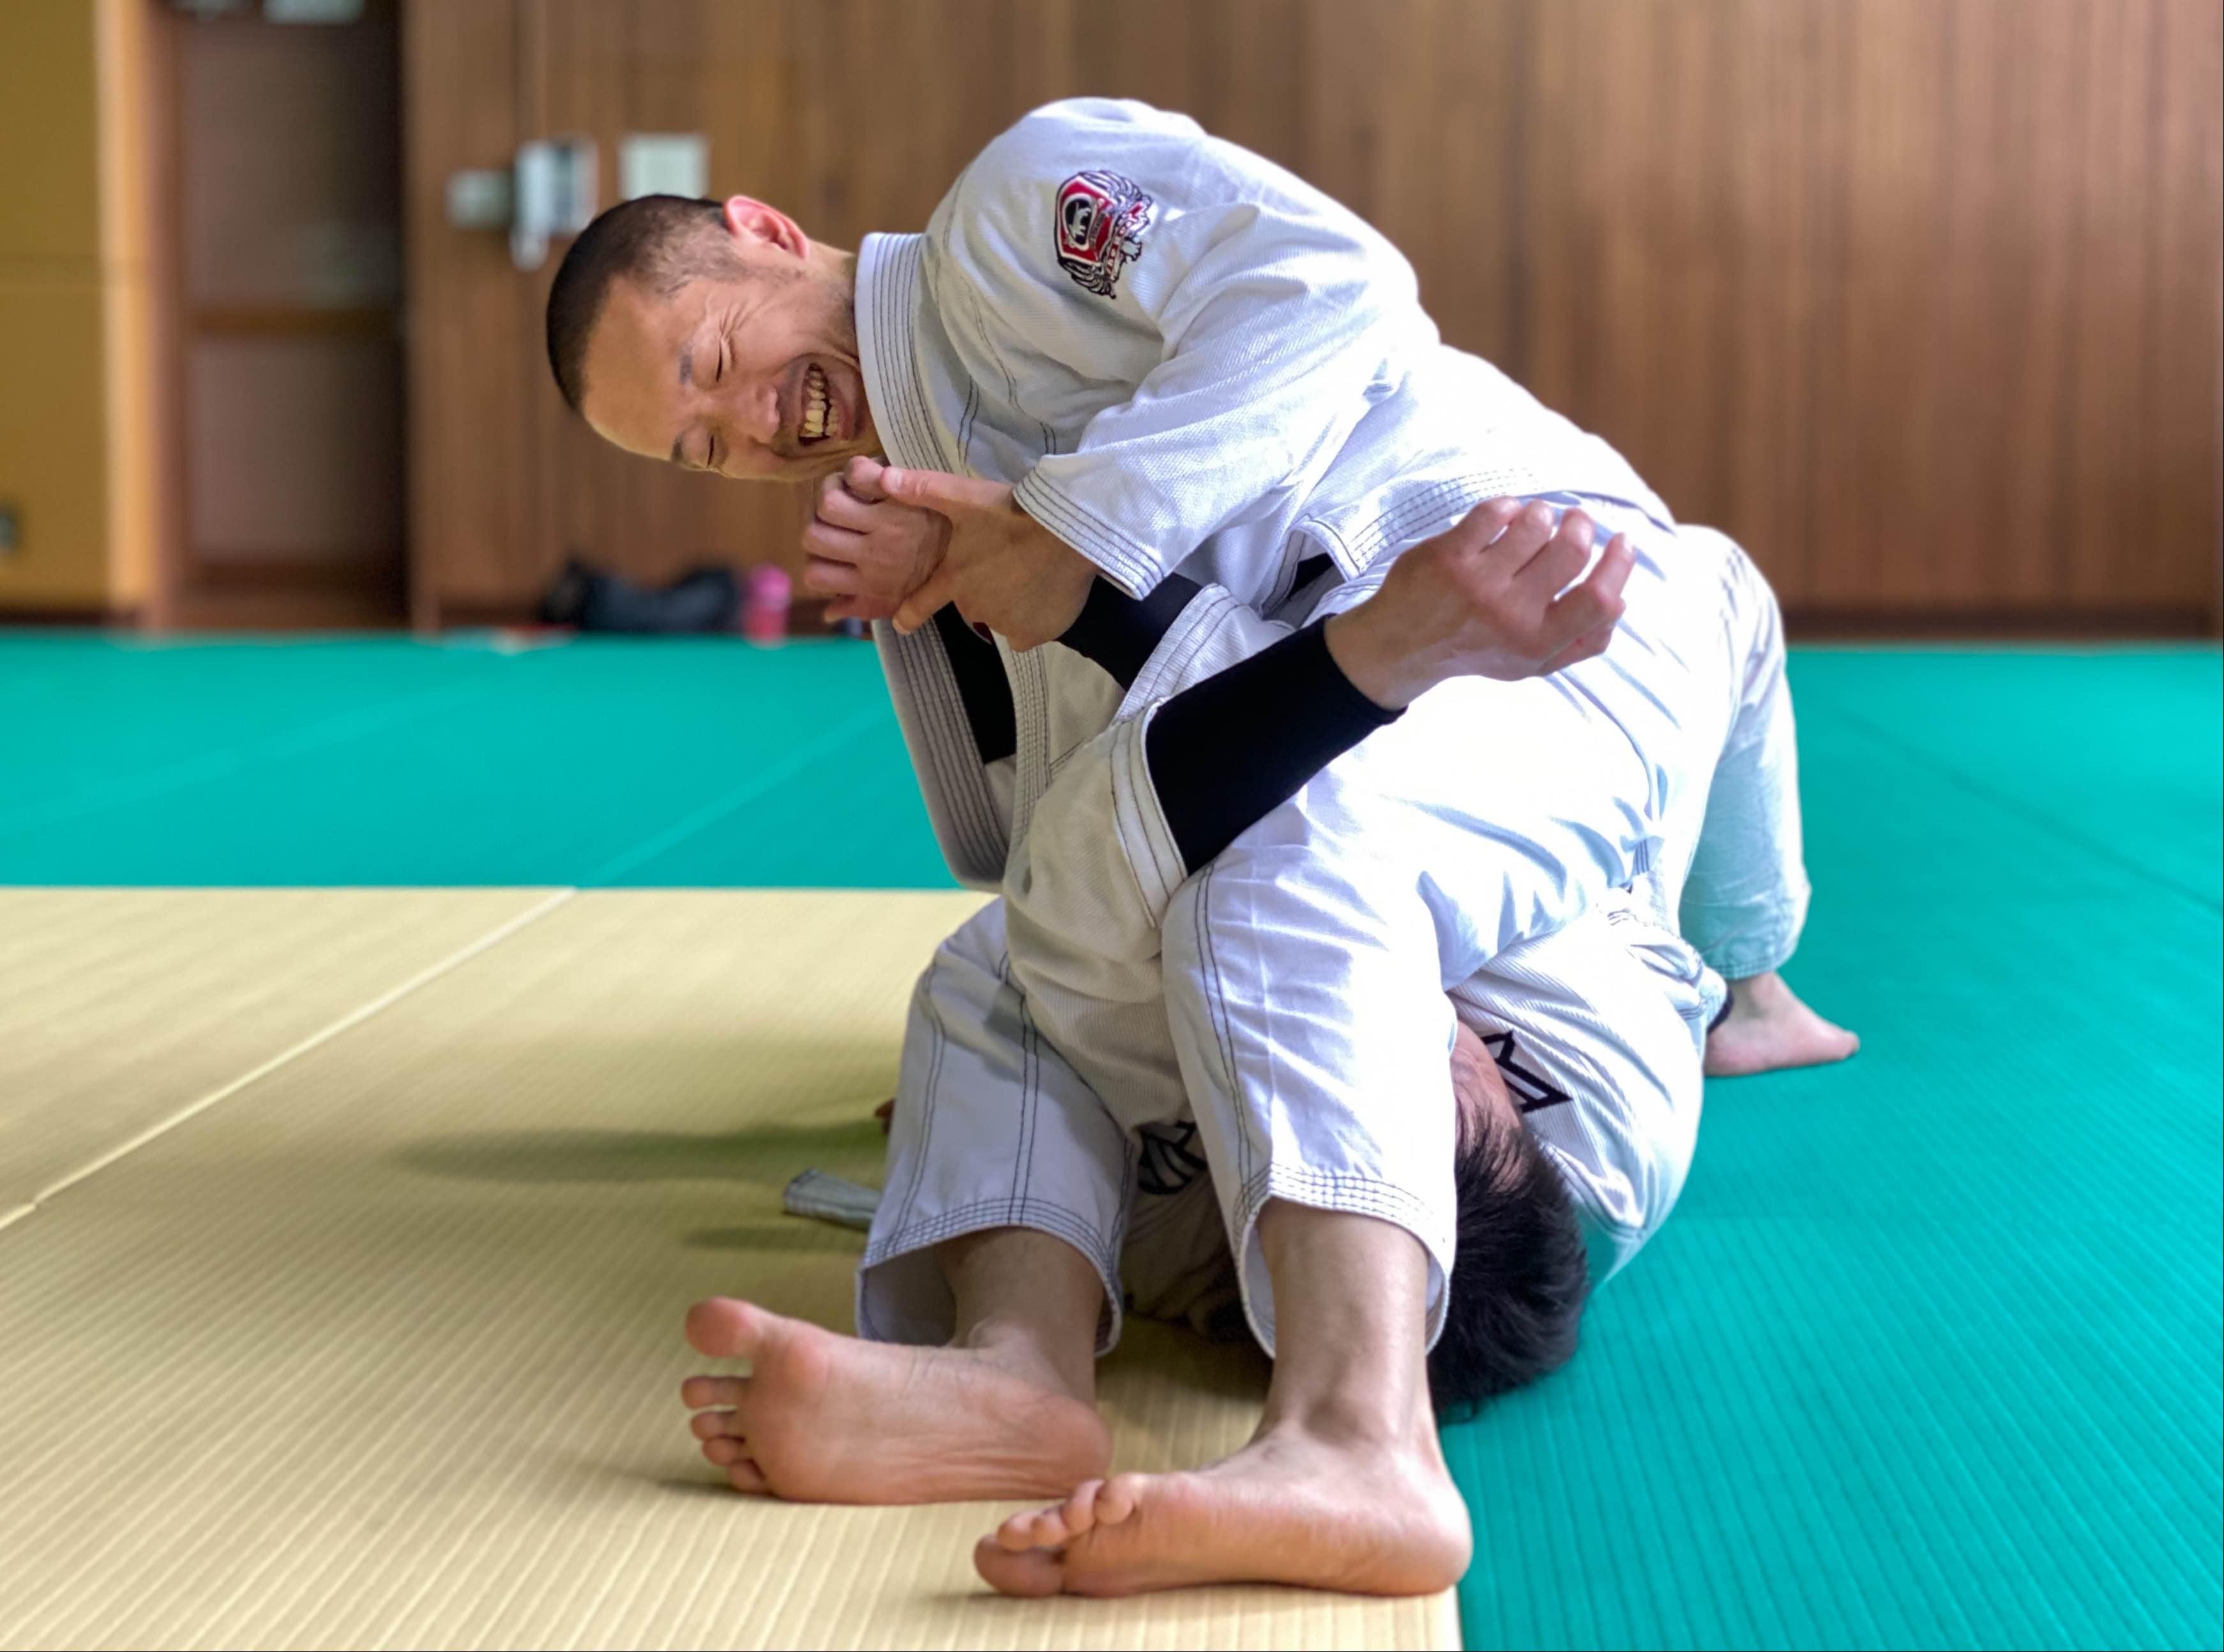 ブラジリアン柔術アカデミーRJJ|埼玉県 上尾 桶川 格闘技ジム